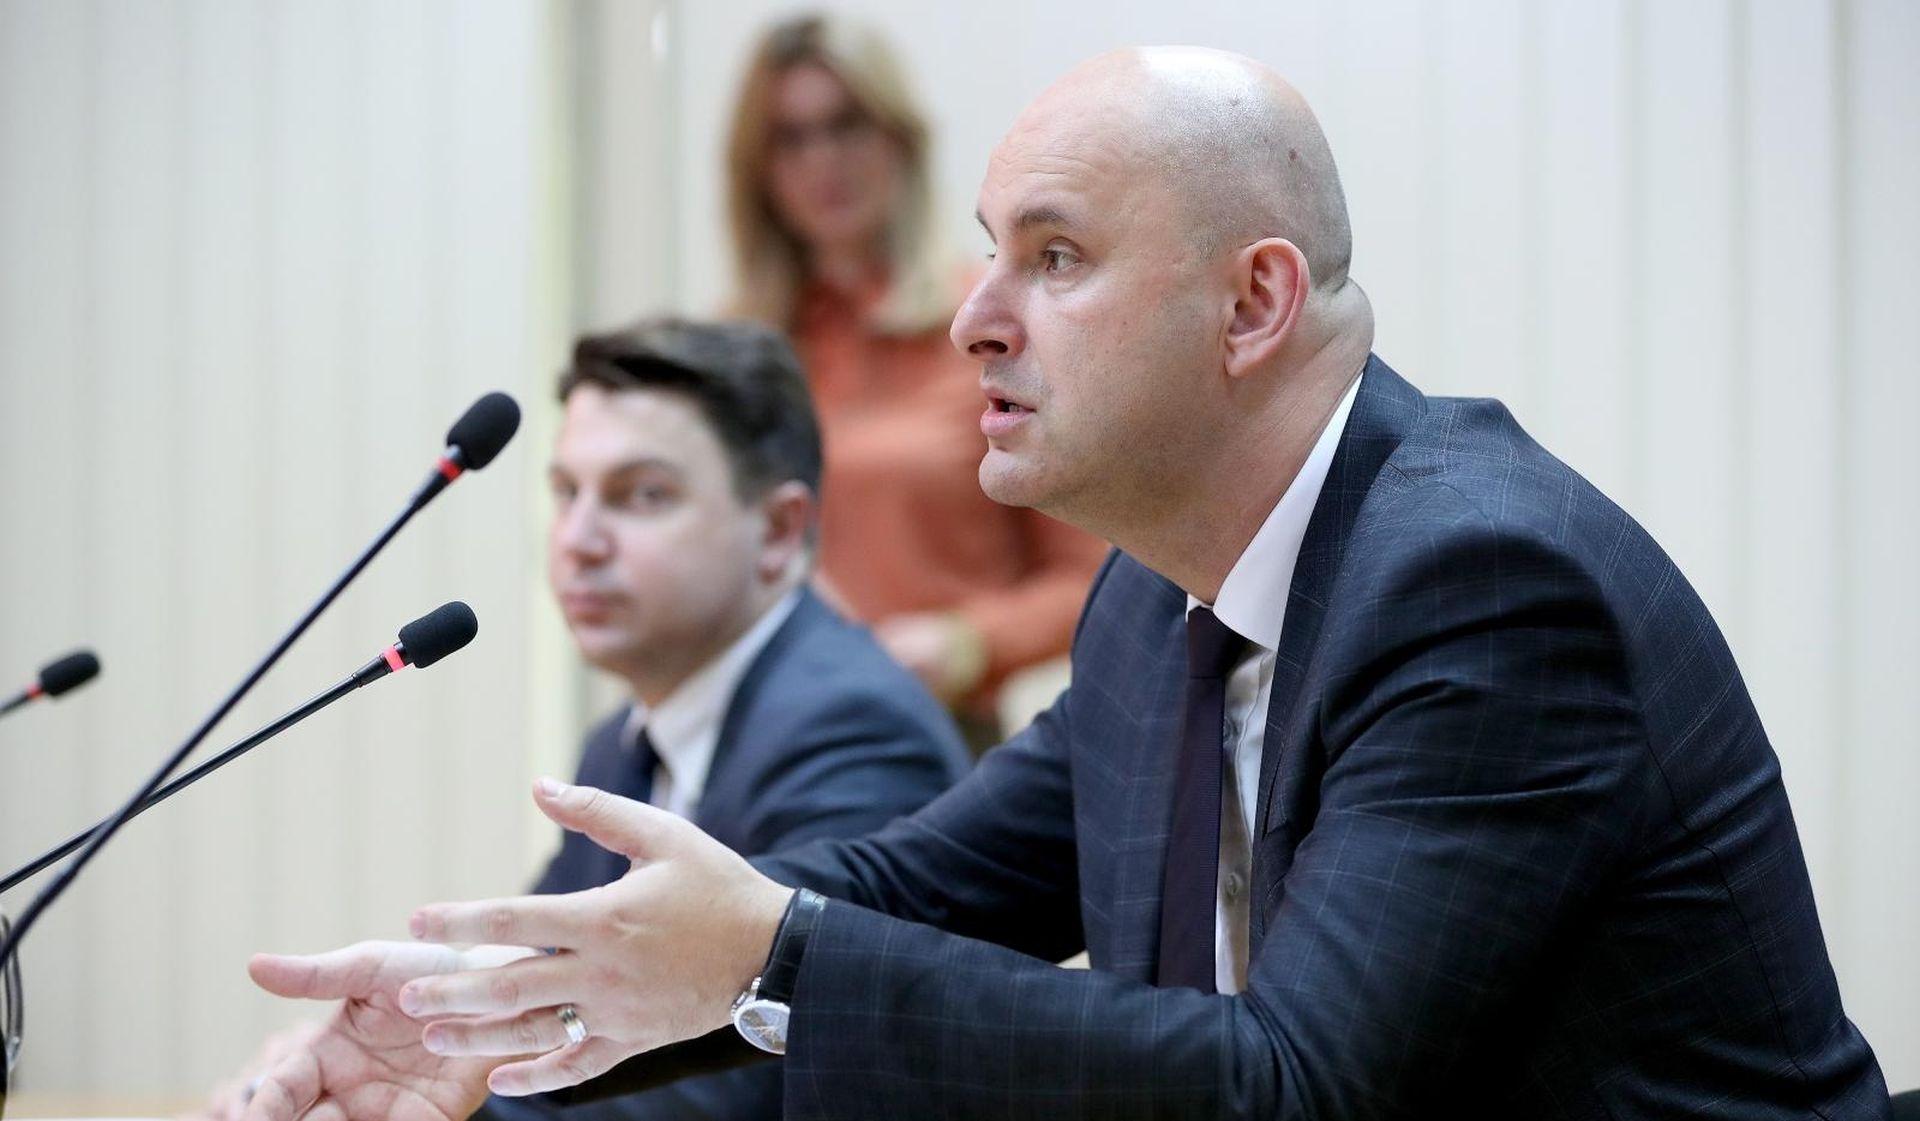 Ministarstvo raskinulo ugovor s djelatnicom povezanom s aferom SMS